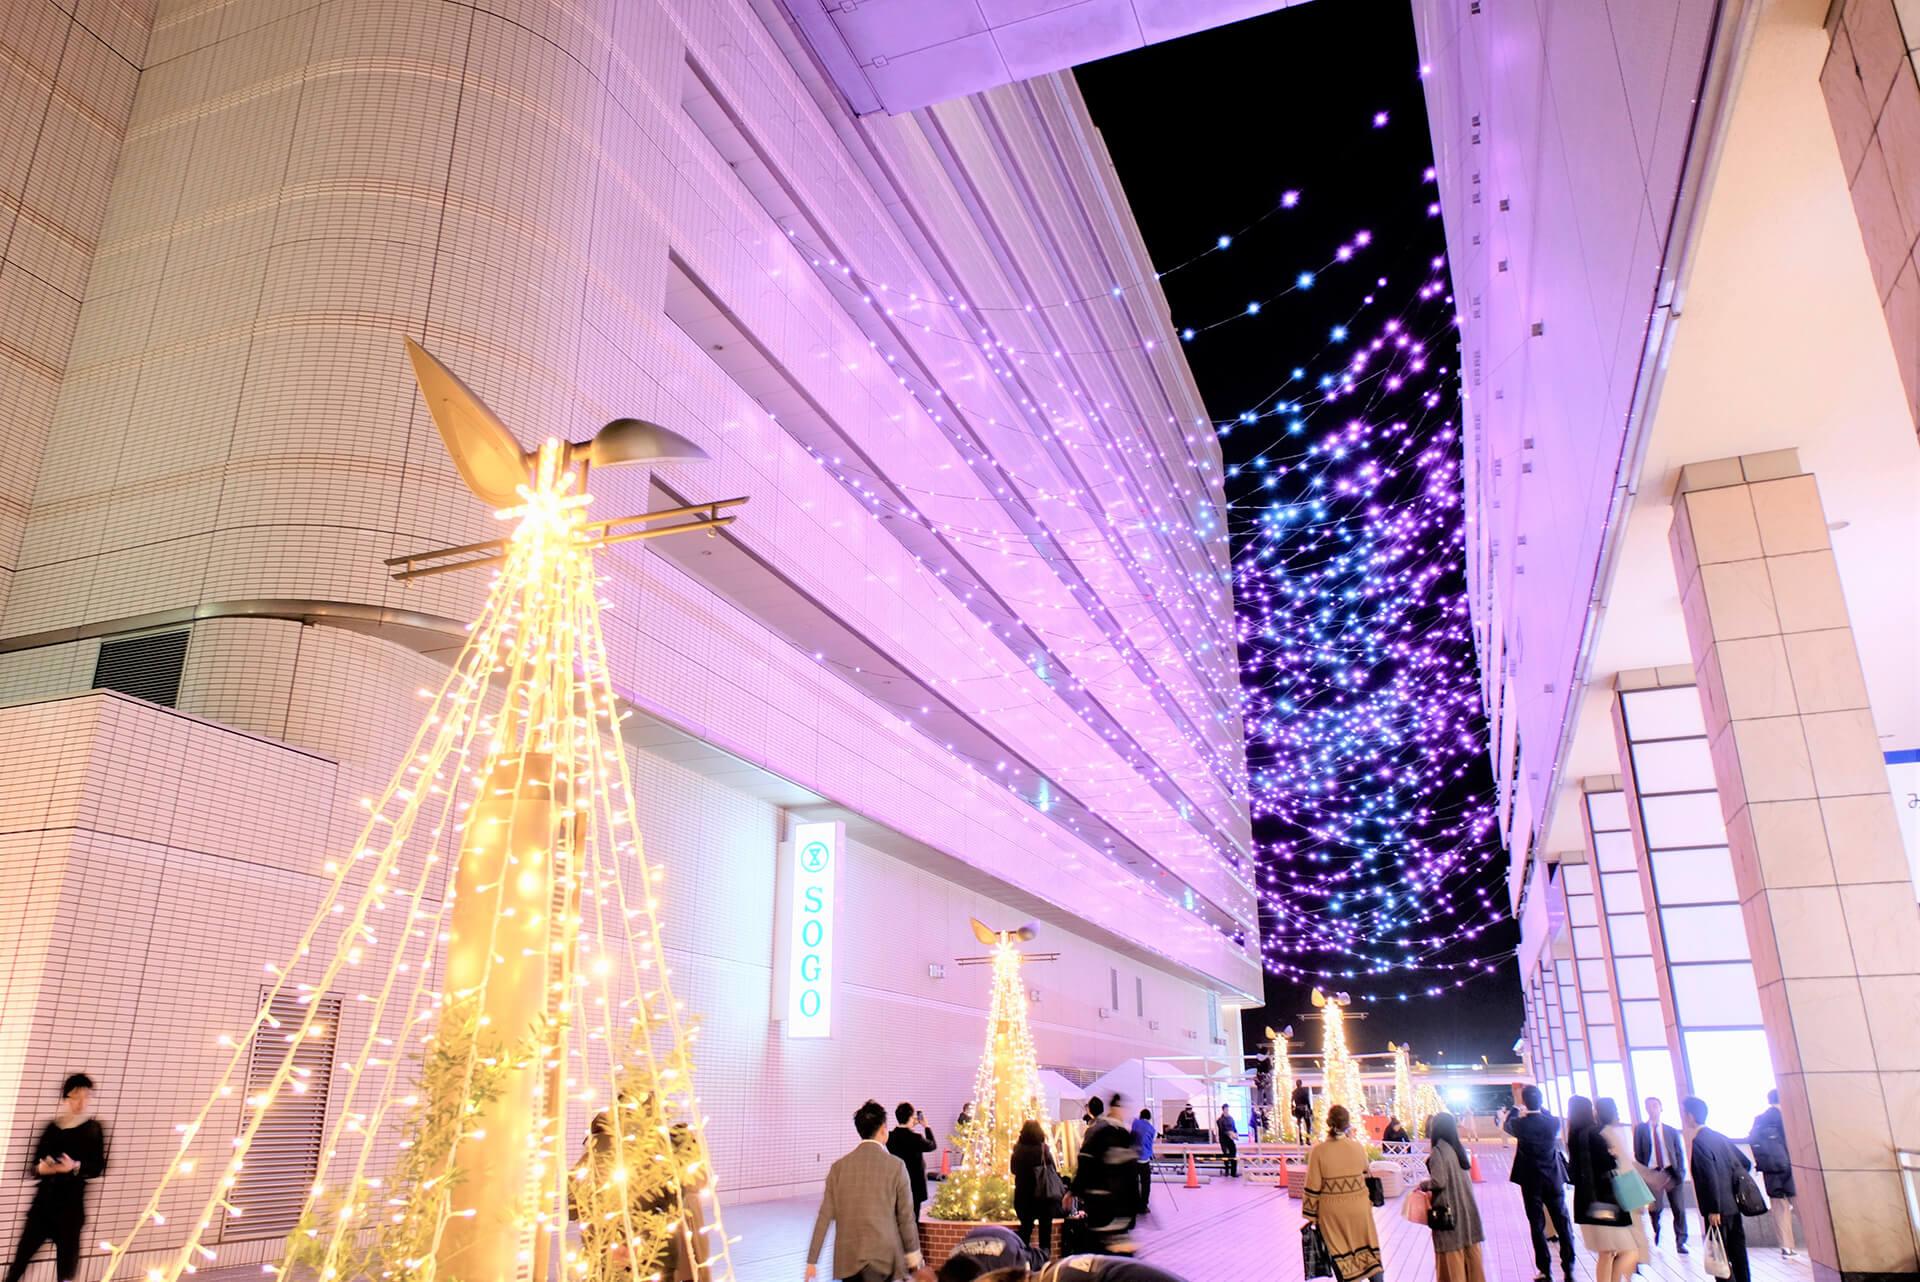 横浜駅東口イルミネーション 星降るテラス